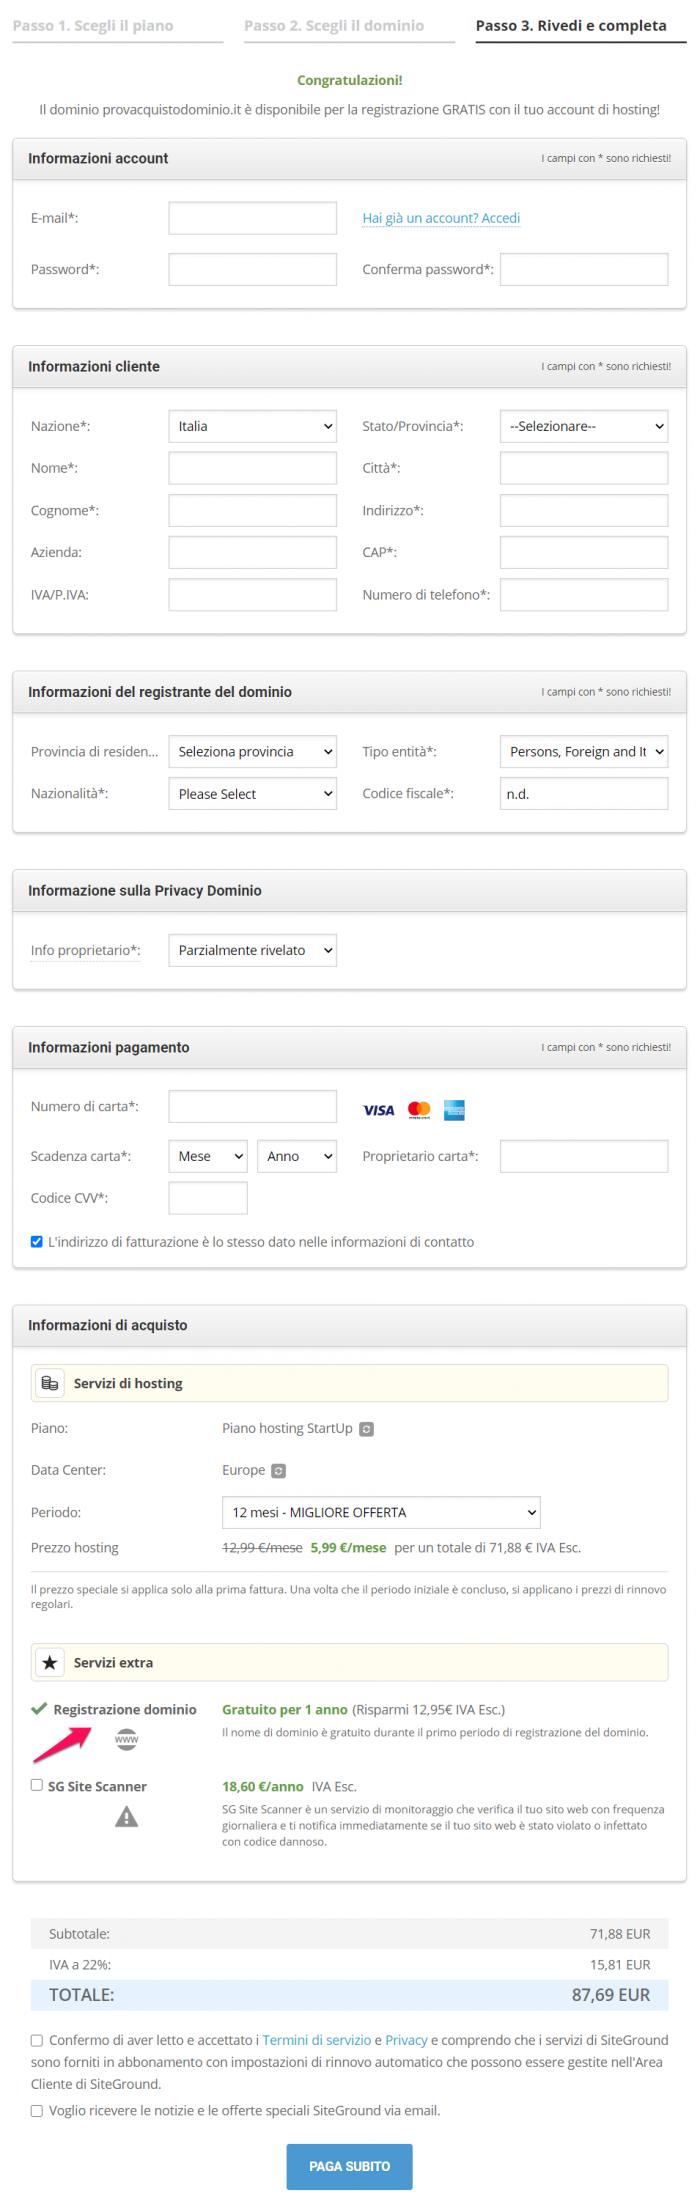 come creare un sito web con siteground.it